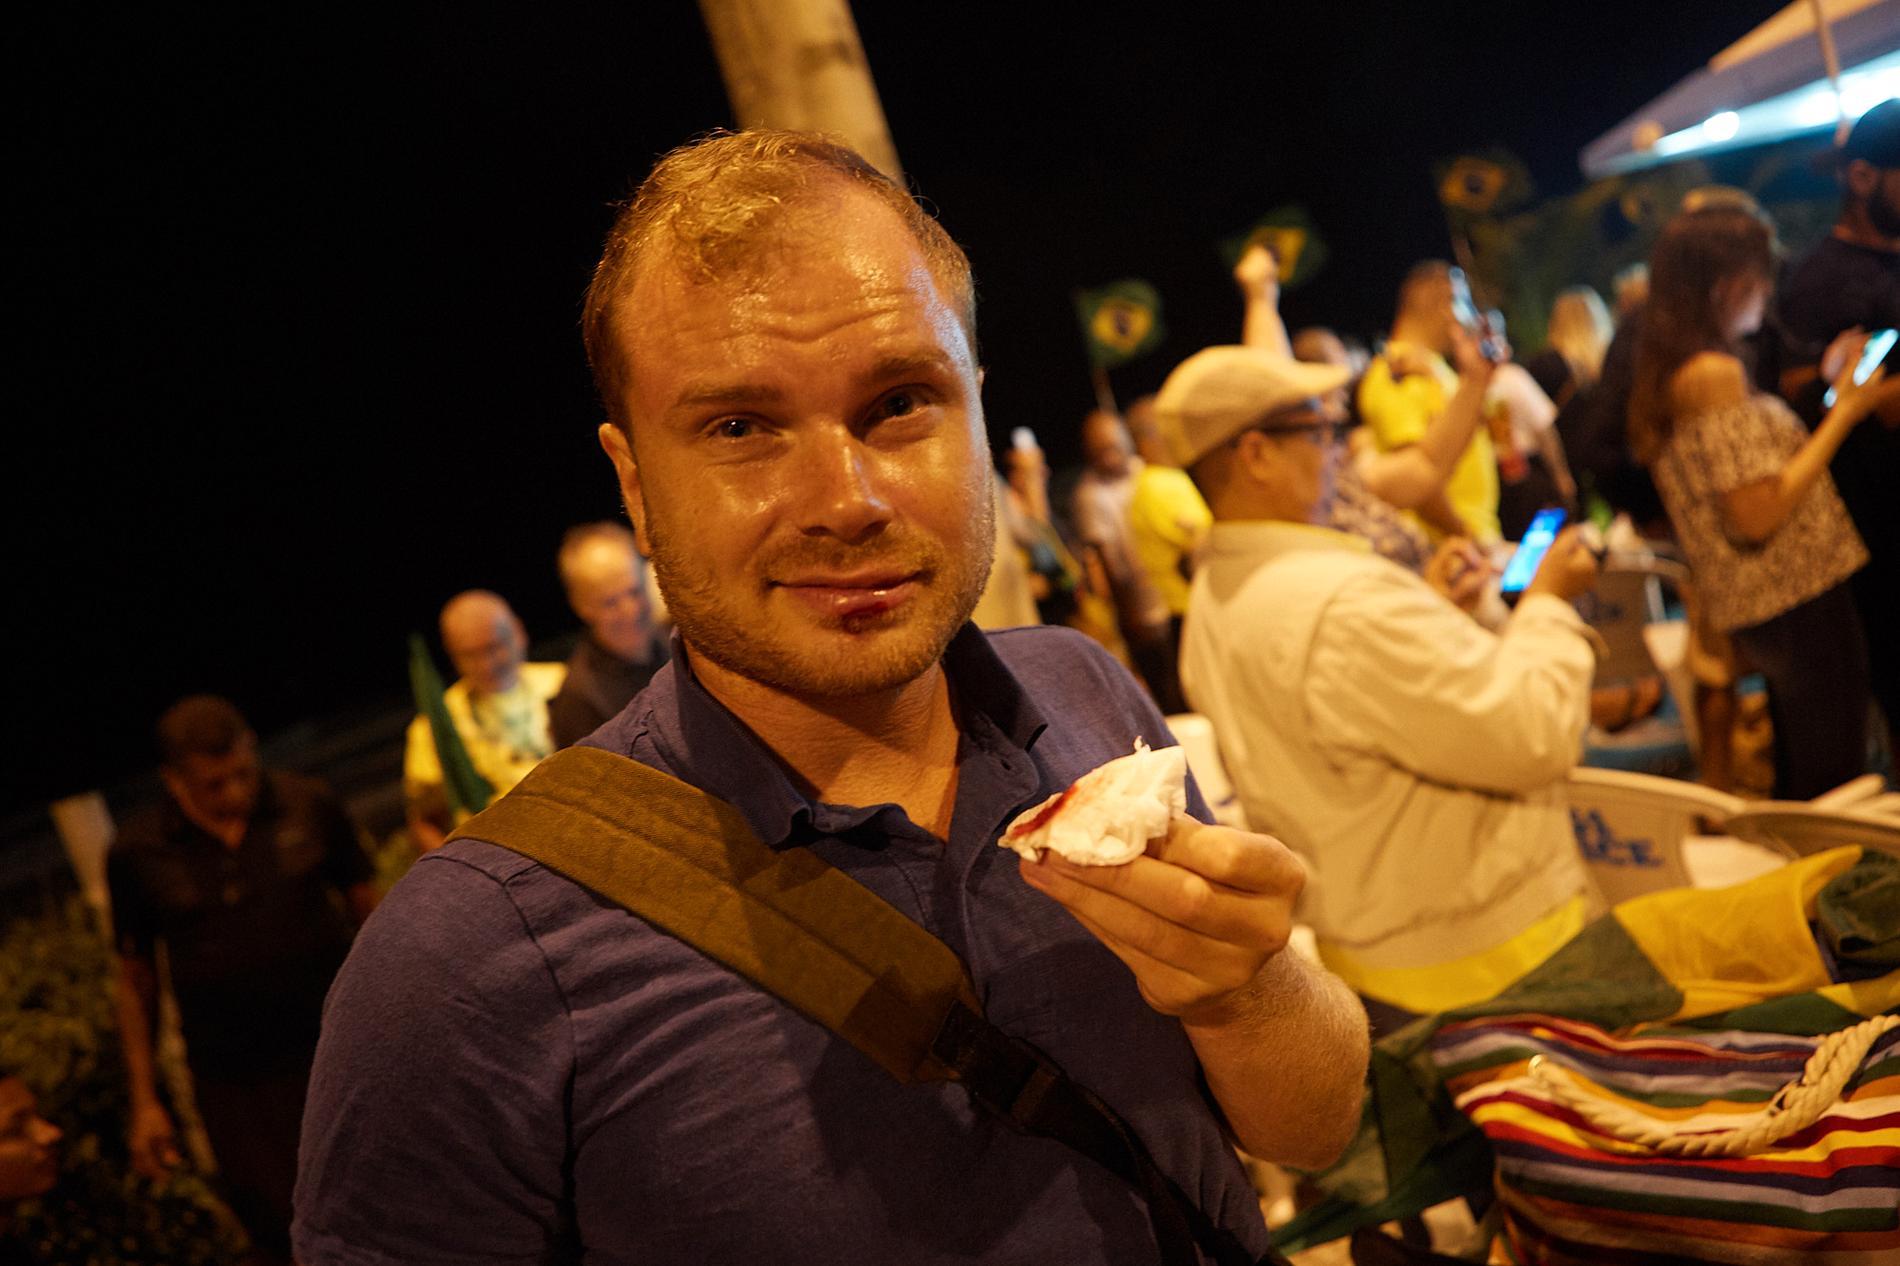 Aftonbladets reporter Petter Larsson fick ett fyrverkeri på foten och spräckte läppen under Bolsonaro-anhängarnas firande.